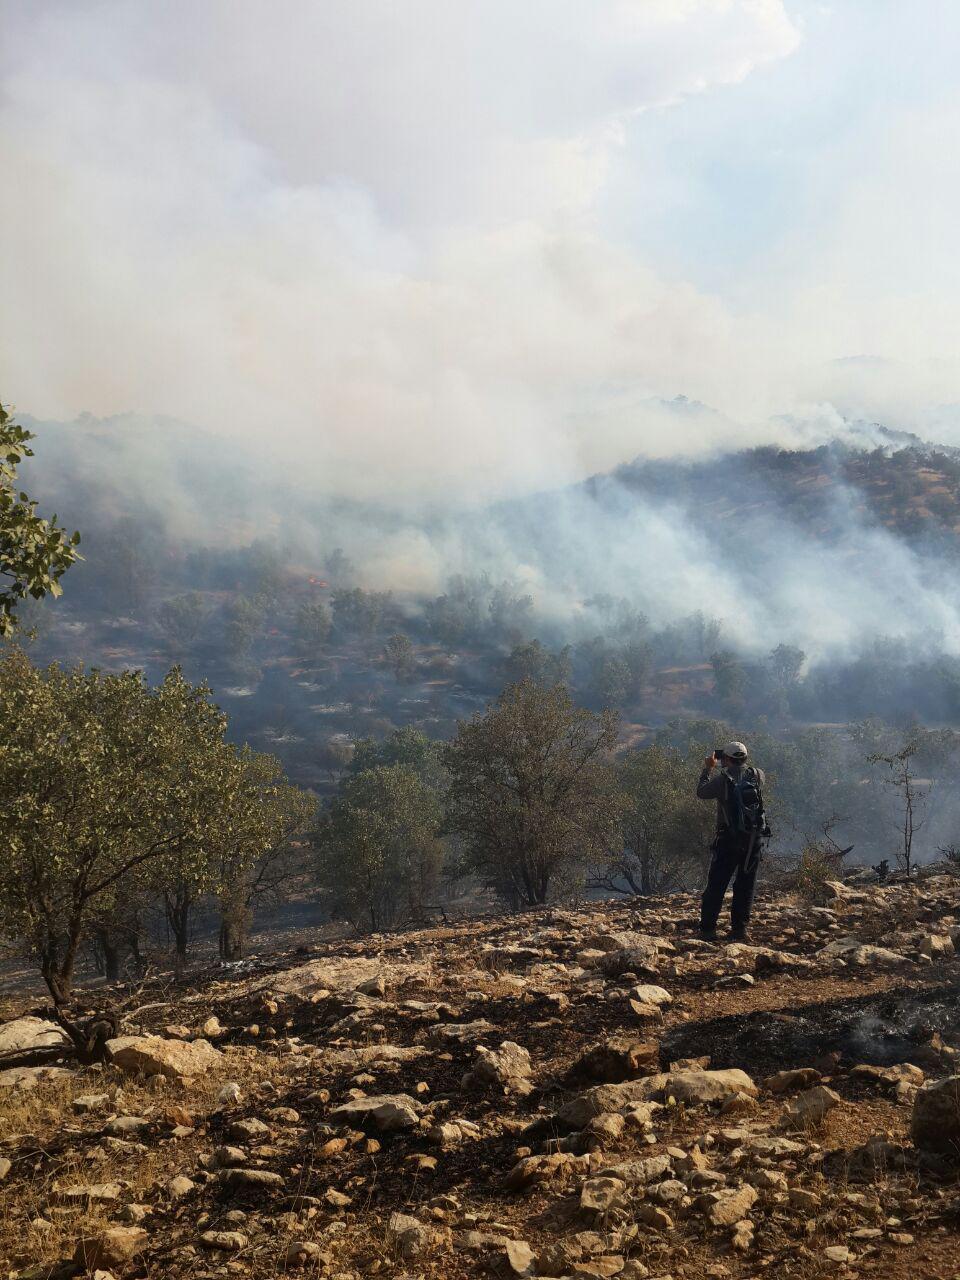 فیلم آتشسوزی در جنگلهای کوهدشت لُرستان